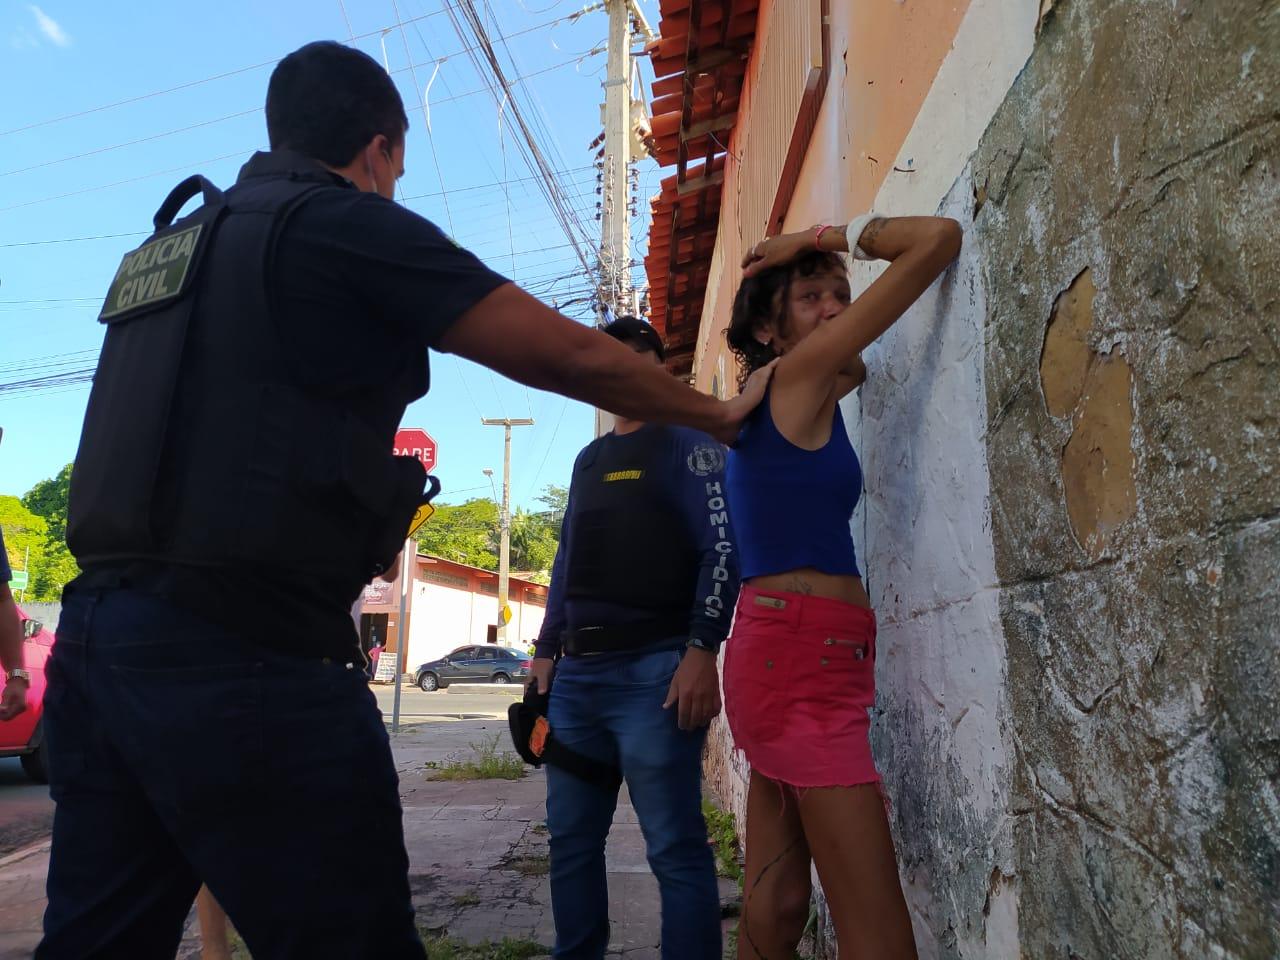 Acusada de matar moradora de rua é presa em flagrante (Foto: Ivan Lima/ Portal MN)